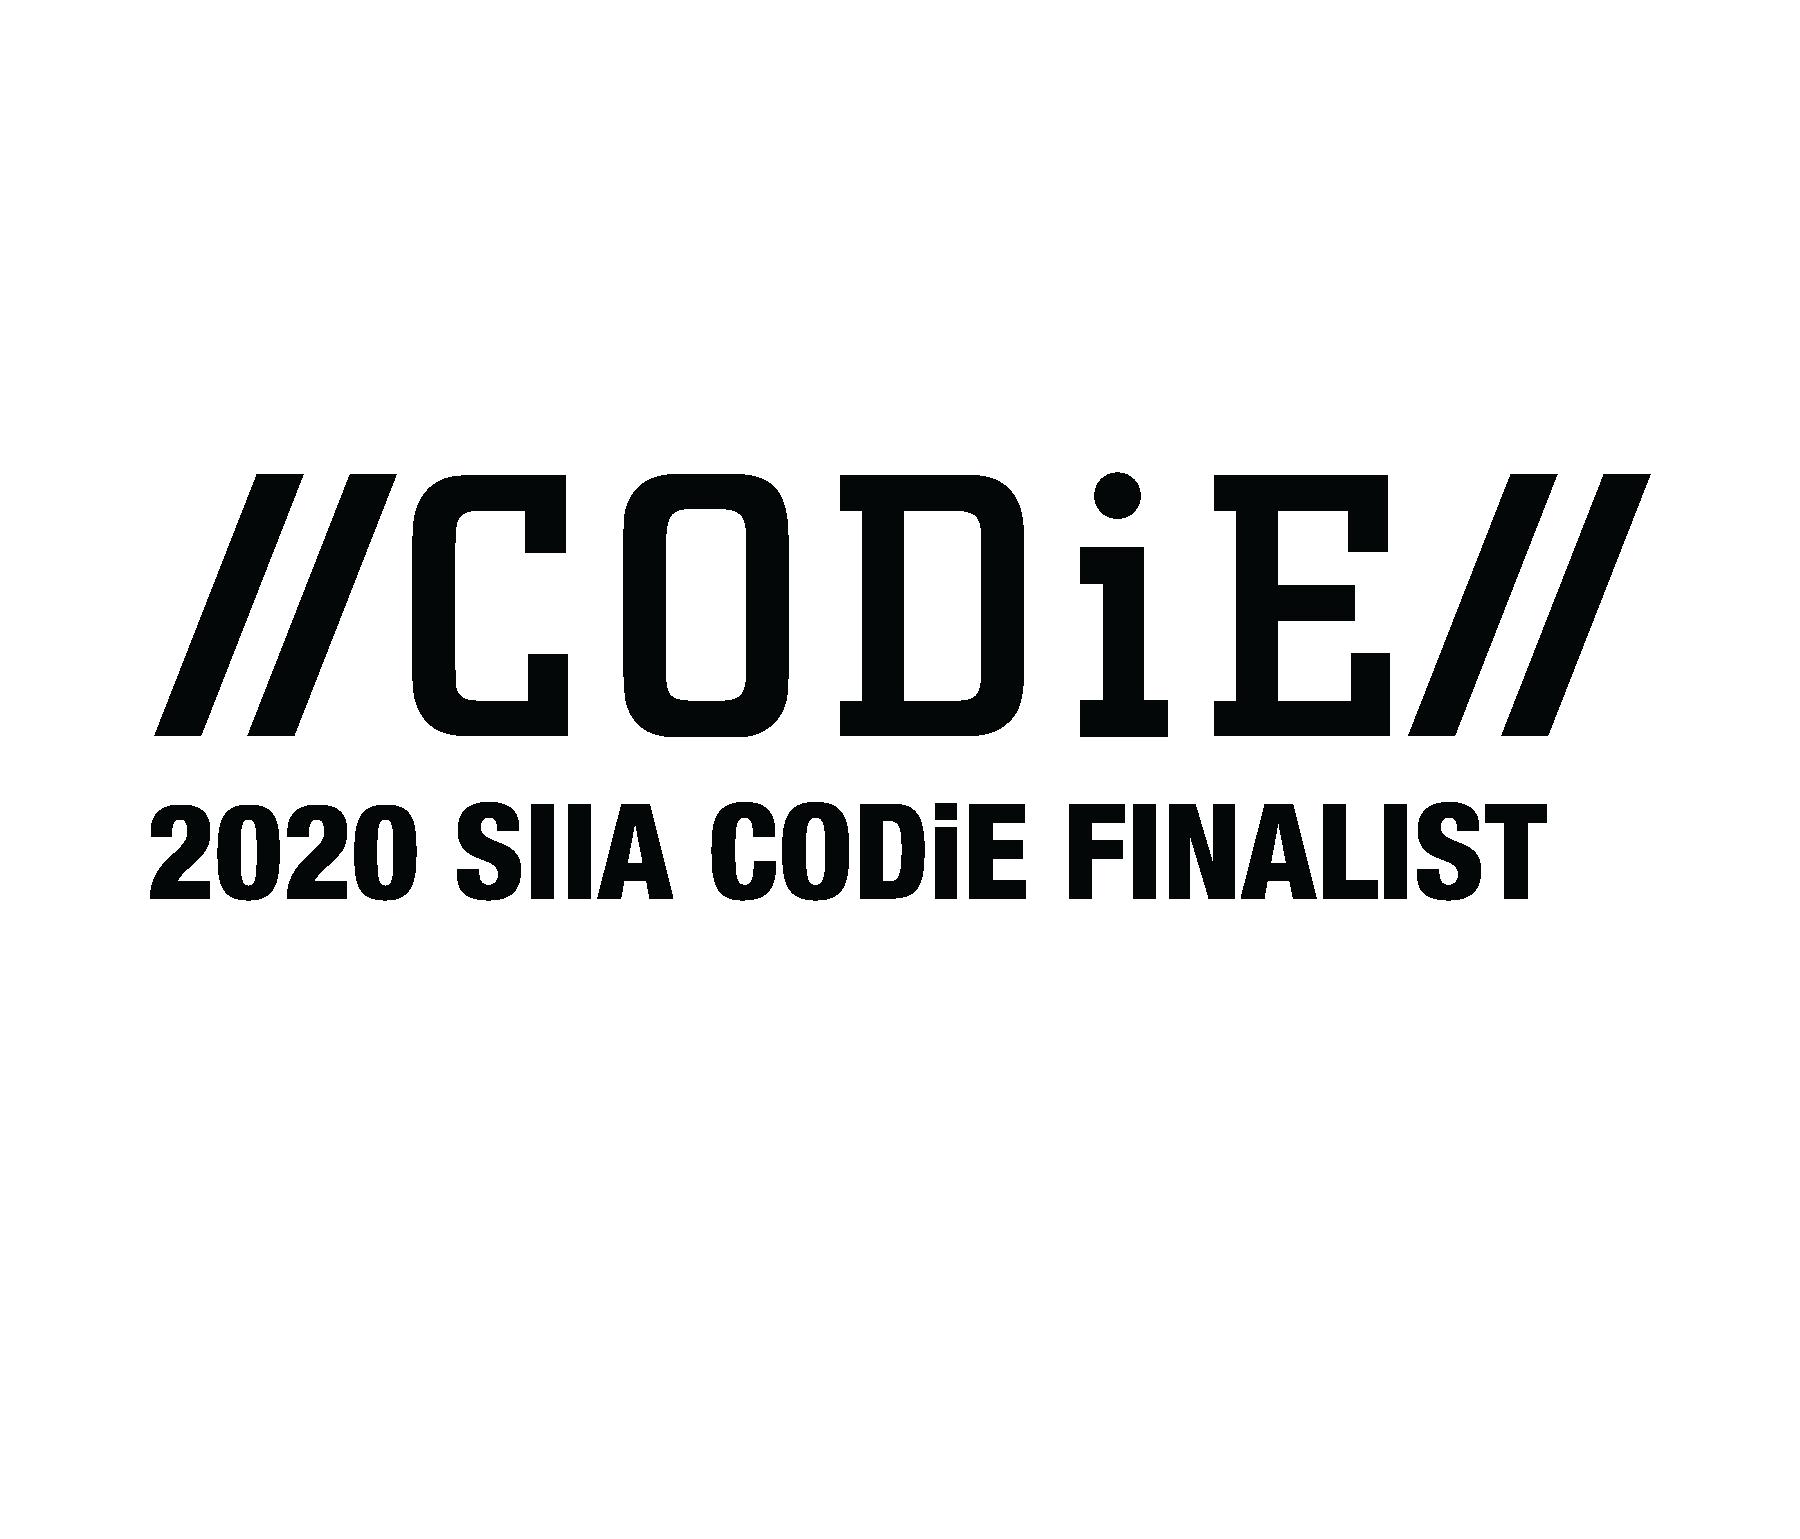 CODIE_2020_finalist